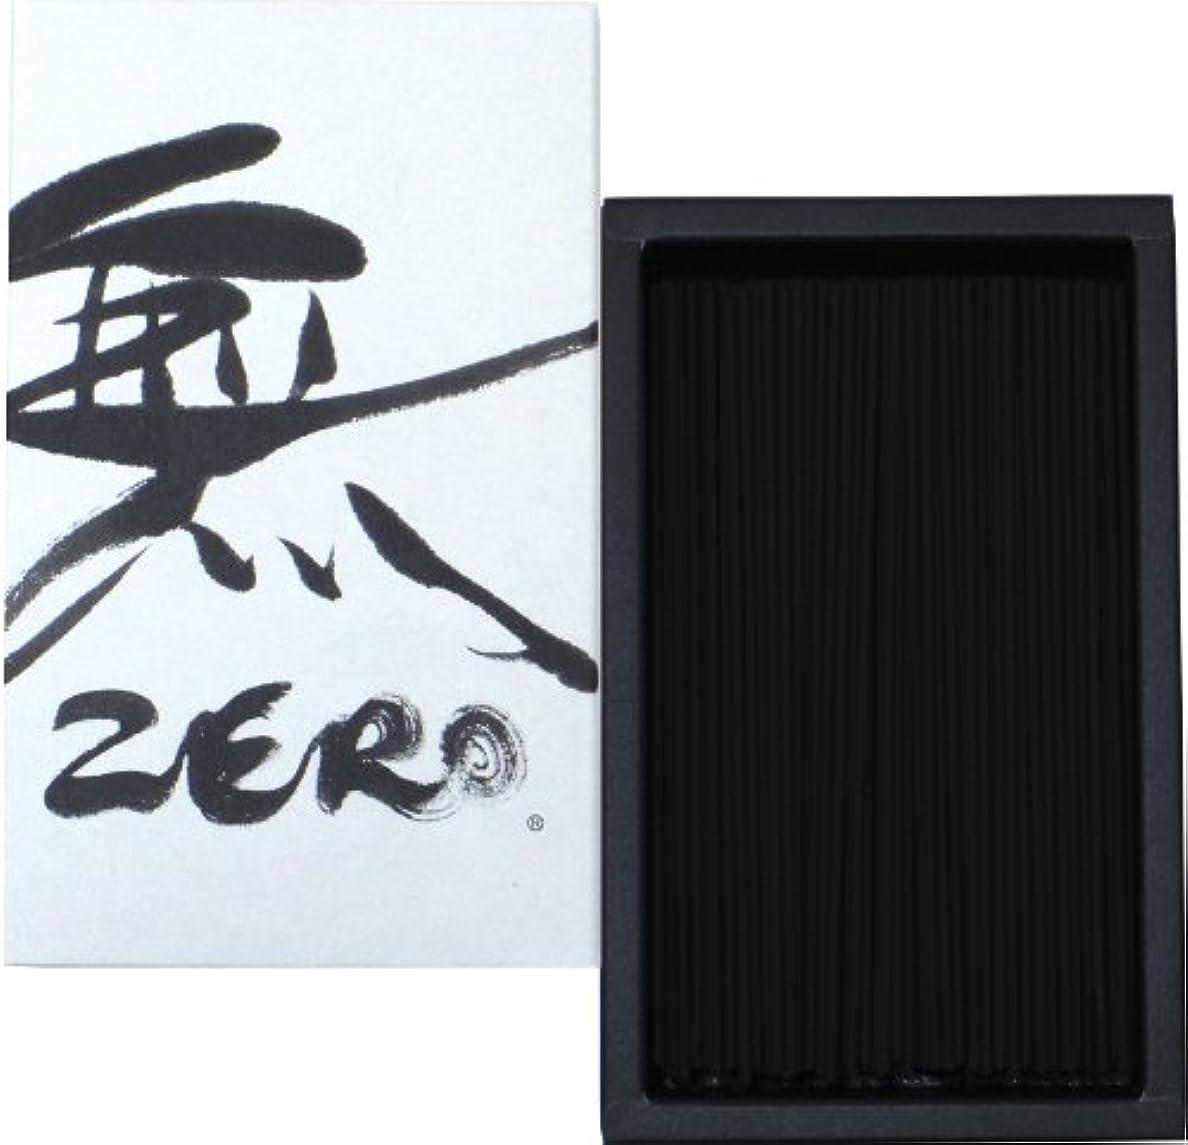 素晴らしさスピーチタオル丸叶むらたのお線香 無 ZERO(ゼロ)大バラ 約160g #ZR-01